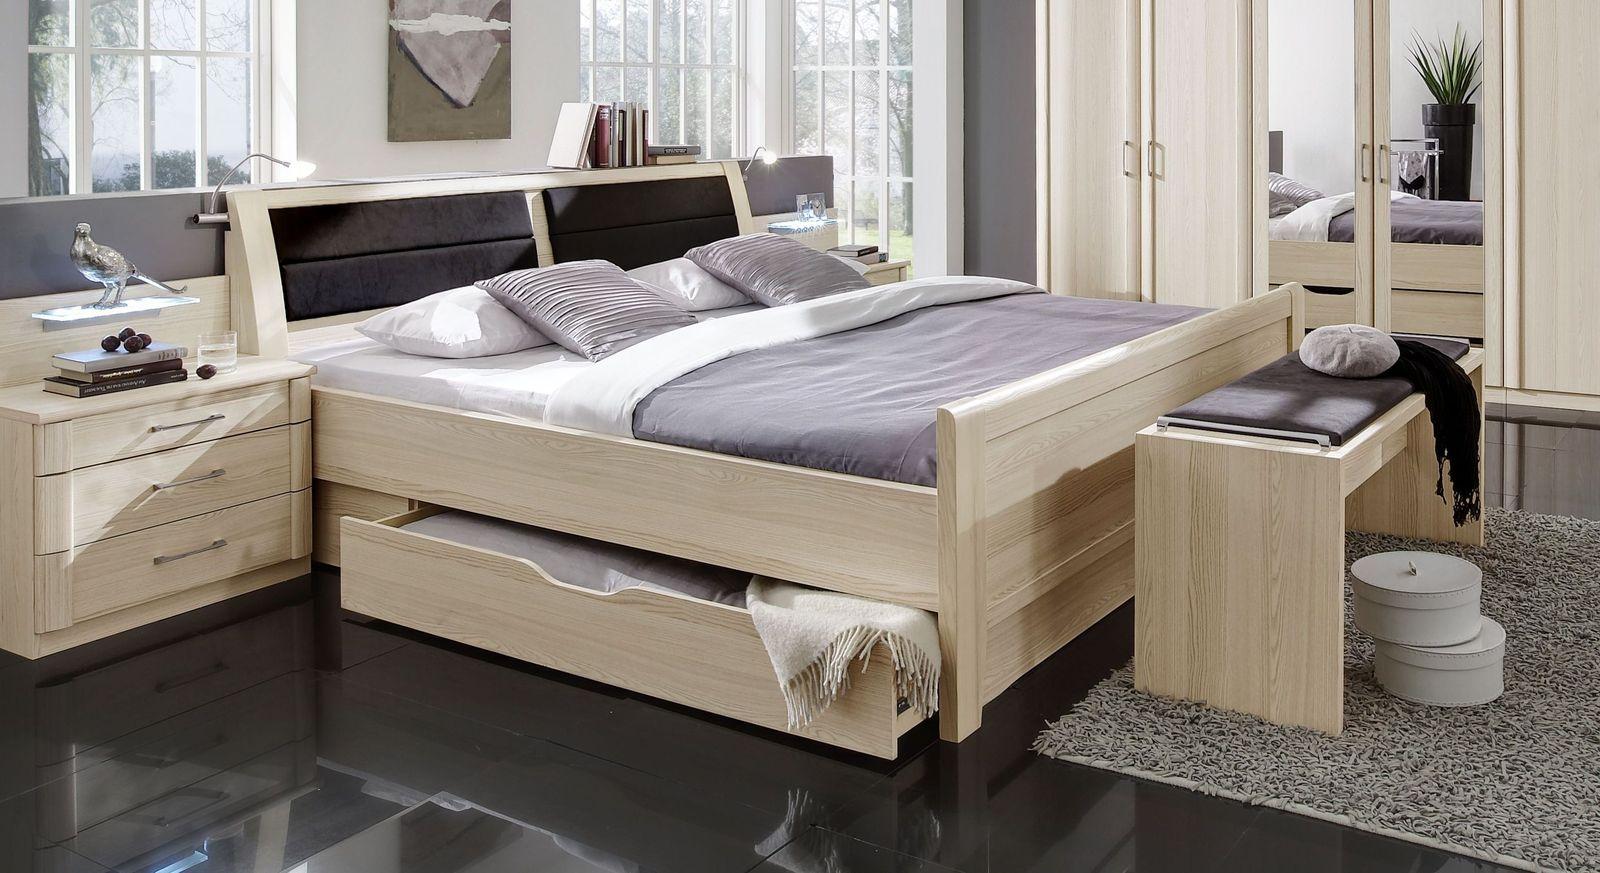 Komfort-Schubkasten-Bett Rapino mit kompletter Schlafzimmer-Einrichtung